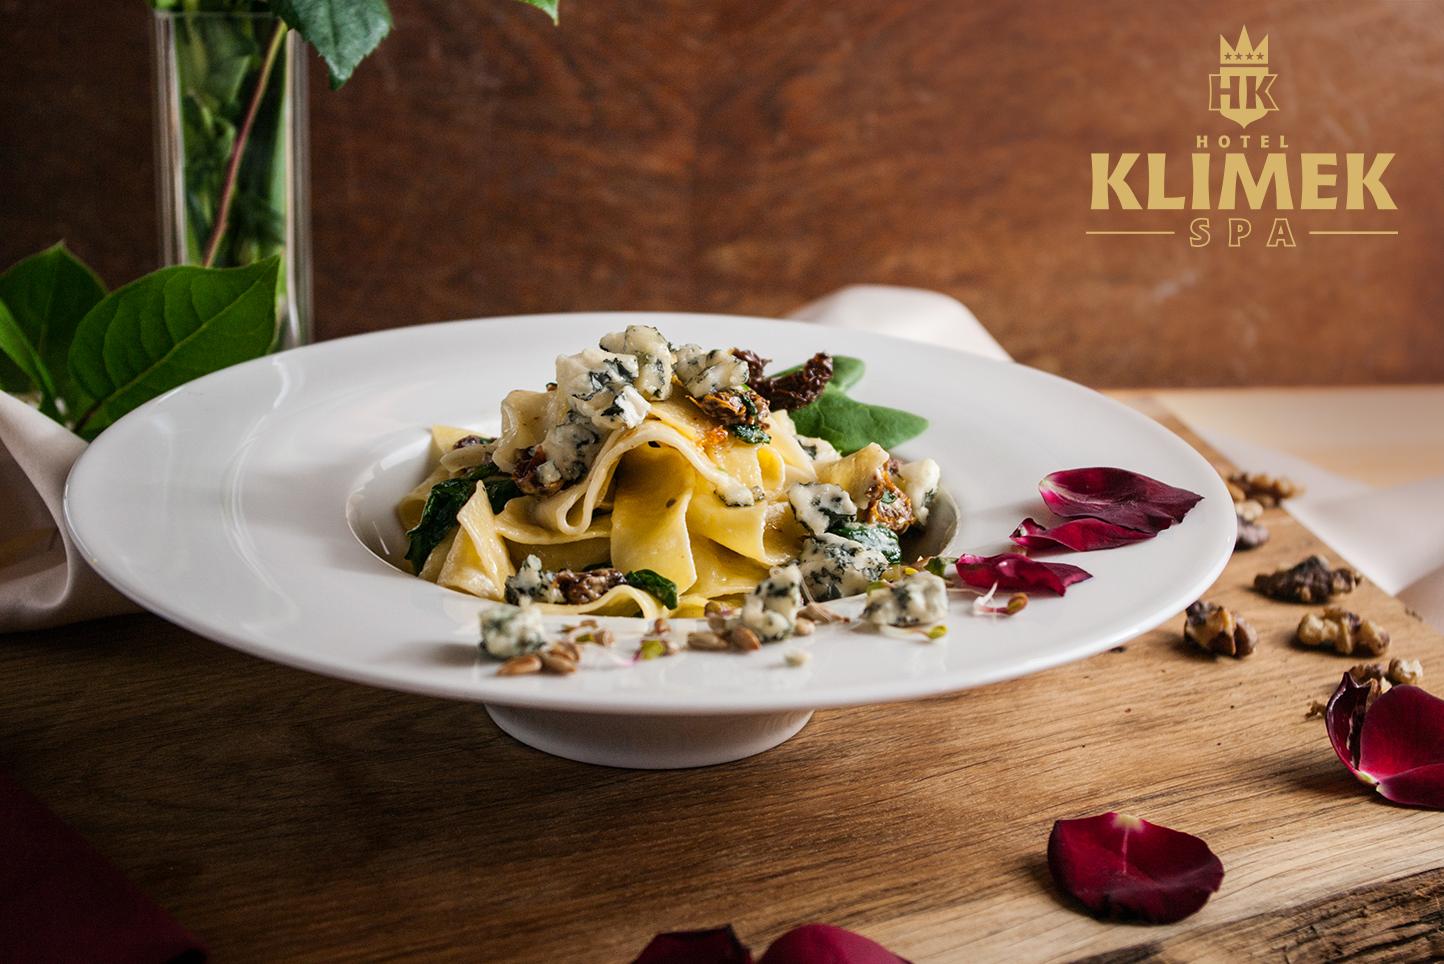 Najwyższej jakości składniki, czerpanie inspiracji z tradycyjnej kuchni i nieoczywiste połączenia smaków – wszystko to sprawia, że w naszej restauracji weźmiecie w prawdziwej uczcie dla podniebienia.